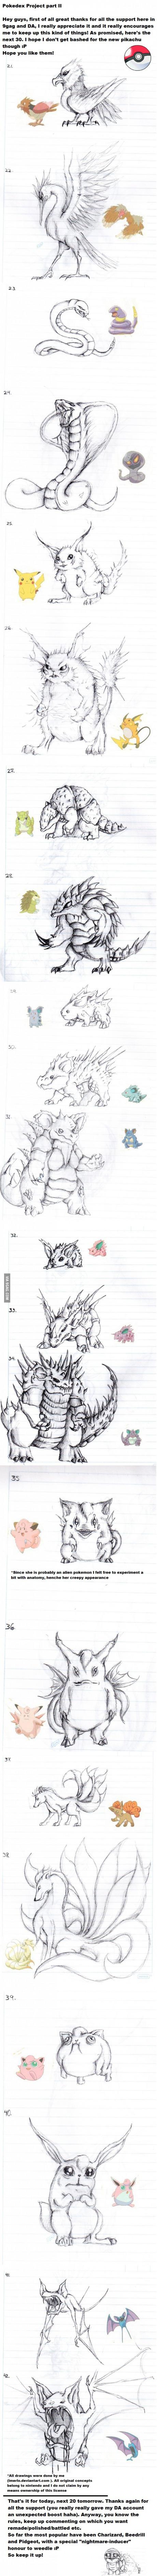 Pokemon Reimagined II